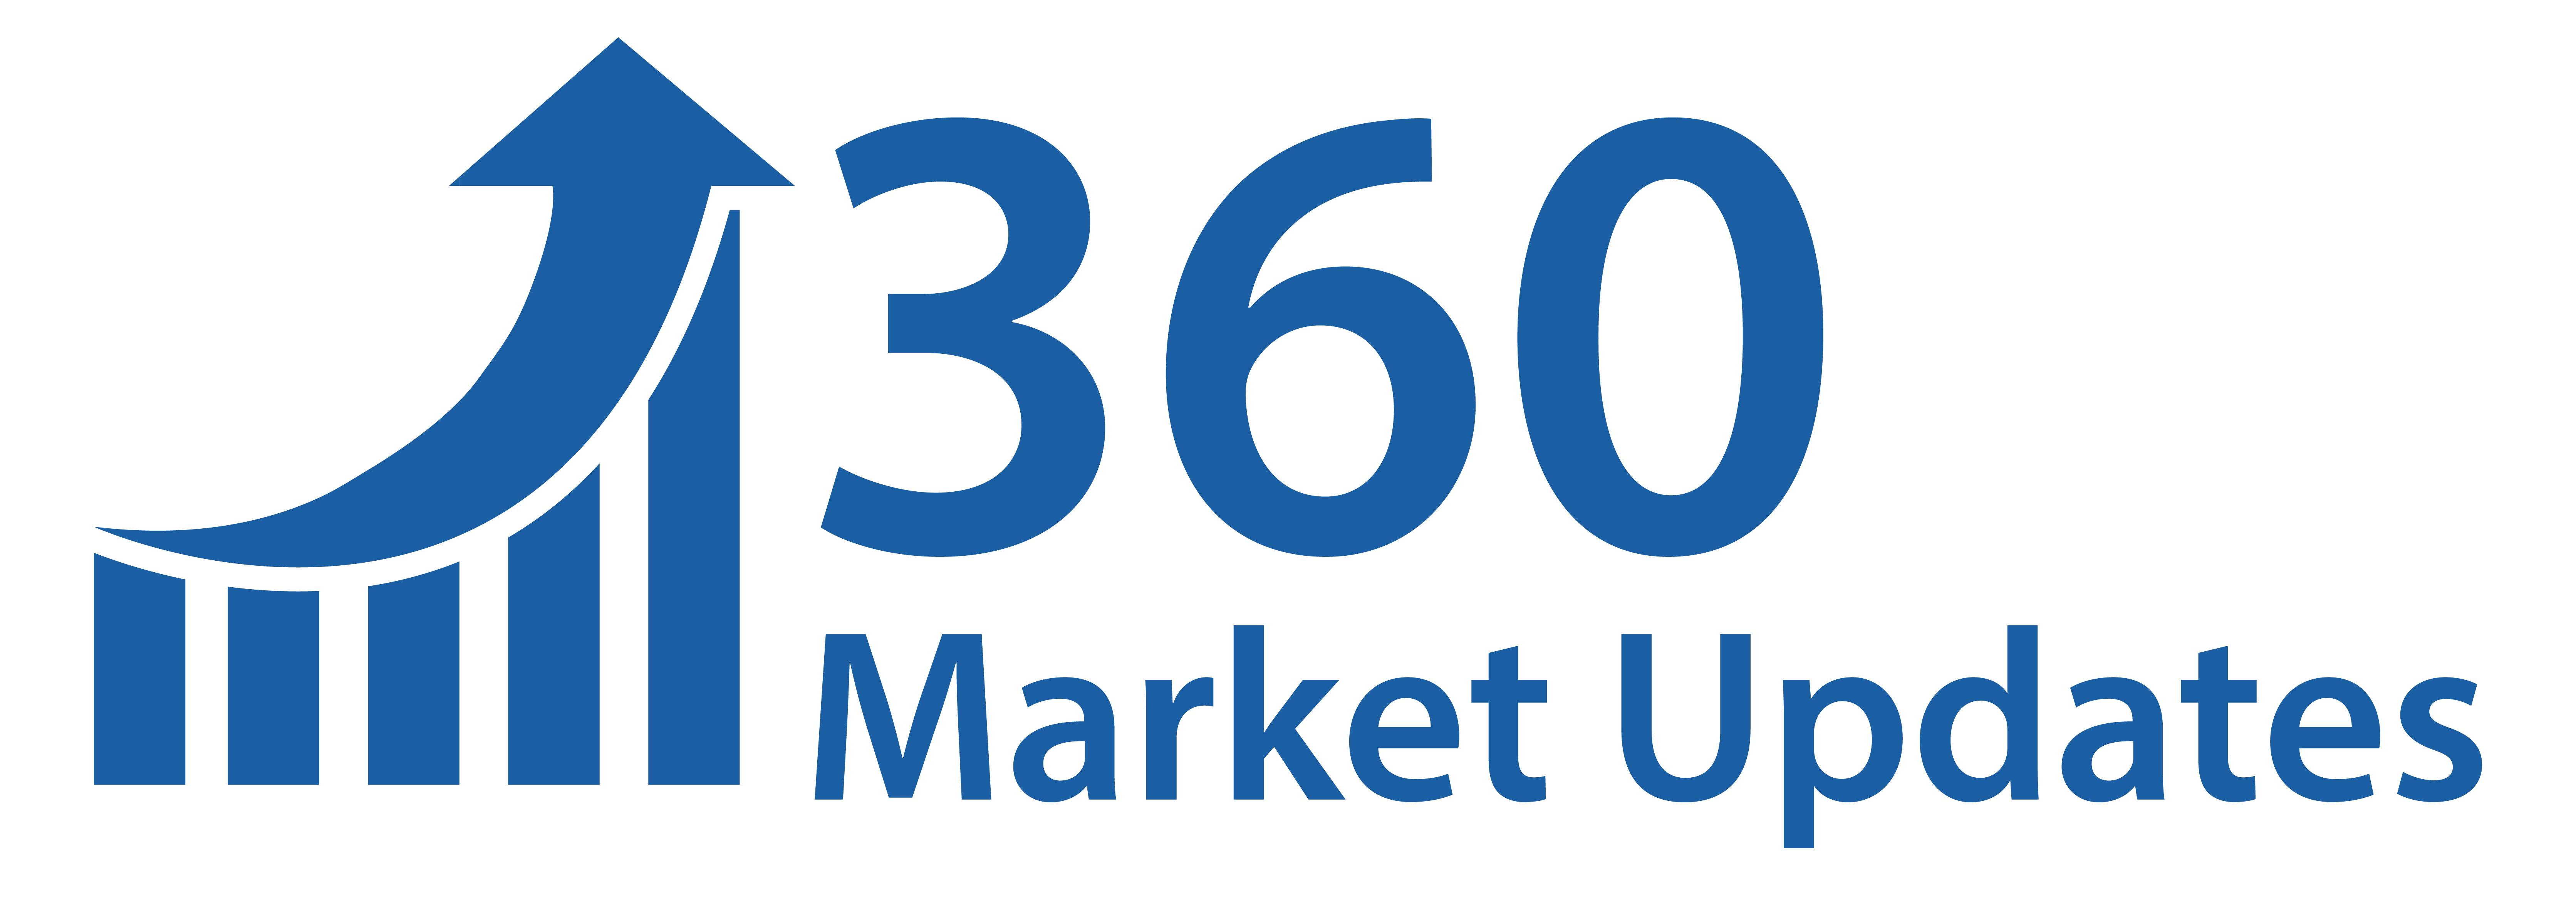 Marine Steam Boilers Market 2020 – Industrienachfrage, Aktie, Größe, Zukunftstrends Pläne, Wachstumschancen, Schlüsselakteure, Anwendung, Nachfrage, Branchenforschungsbericht von Regional Forecast to 2025